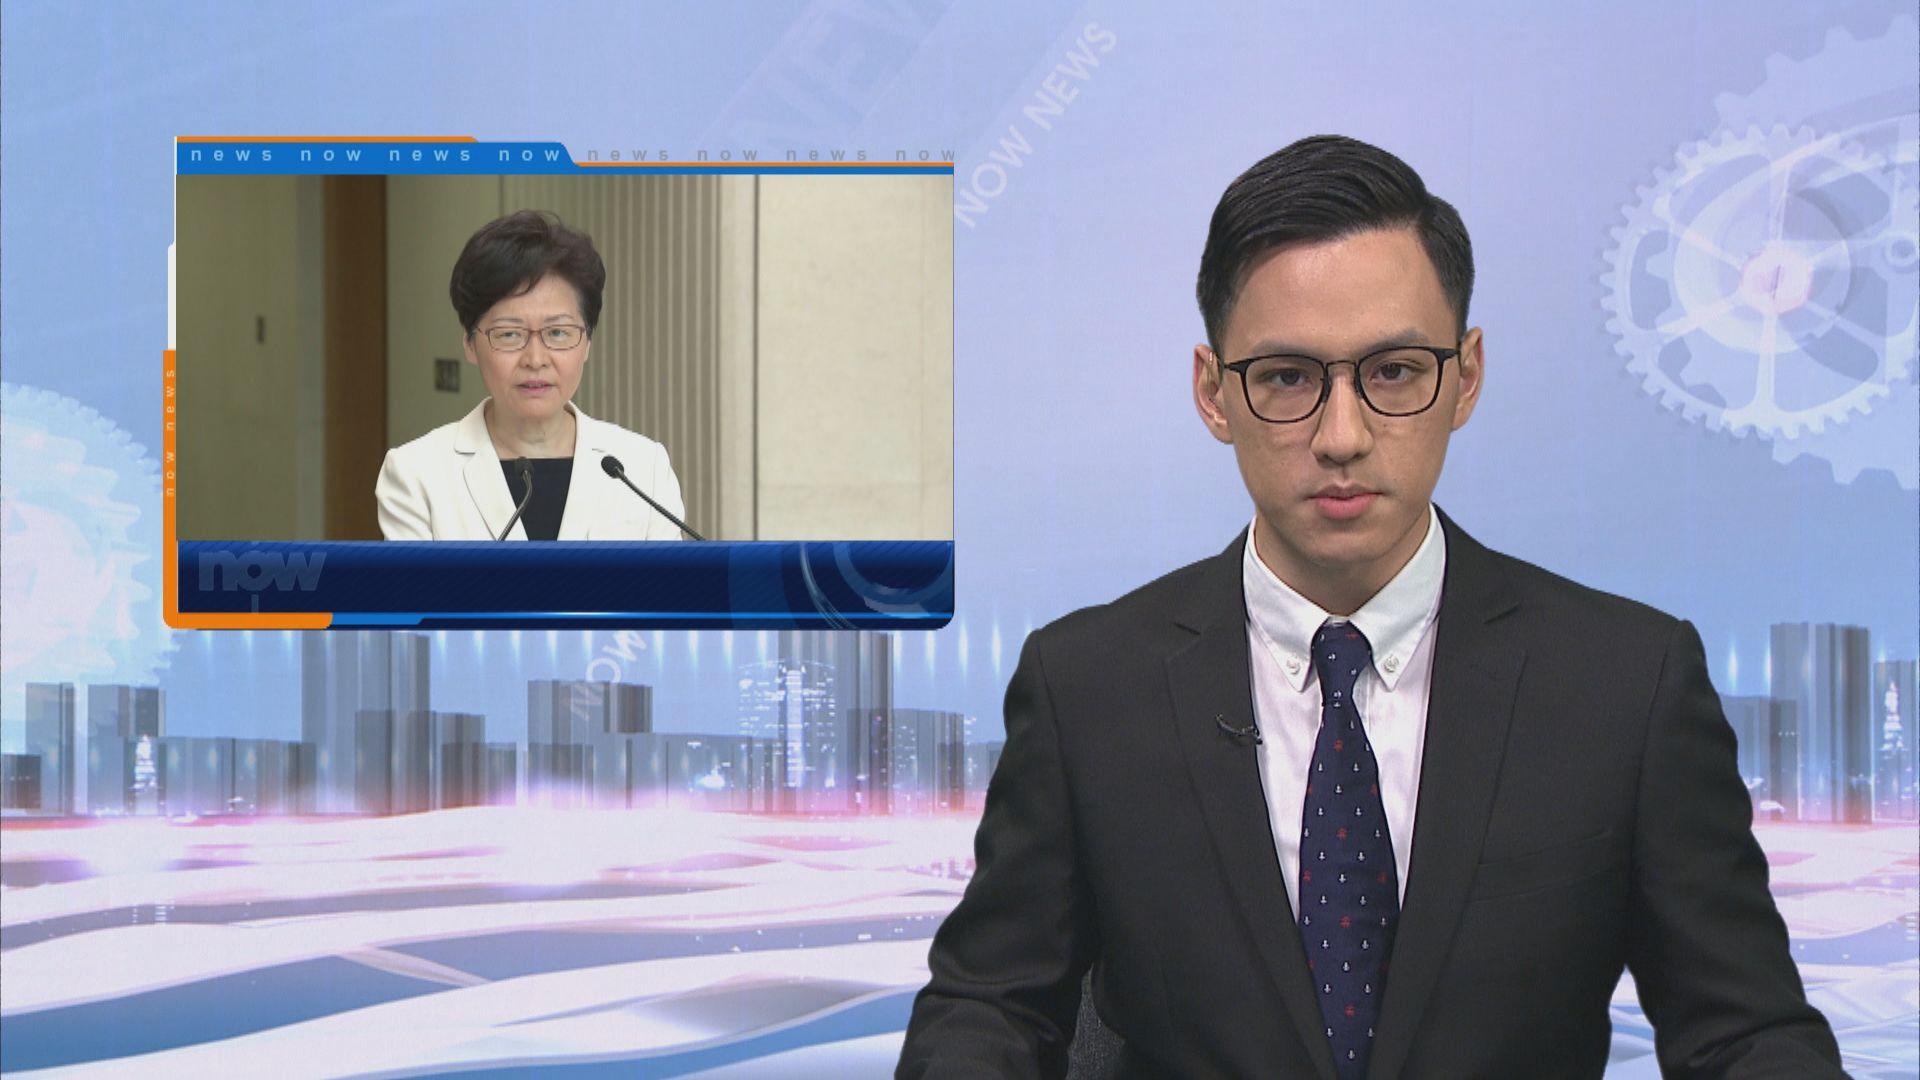 林鄭:早已接納最重要訴求 因持續暴力示威答應訴求不合適